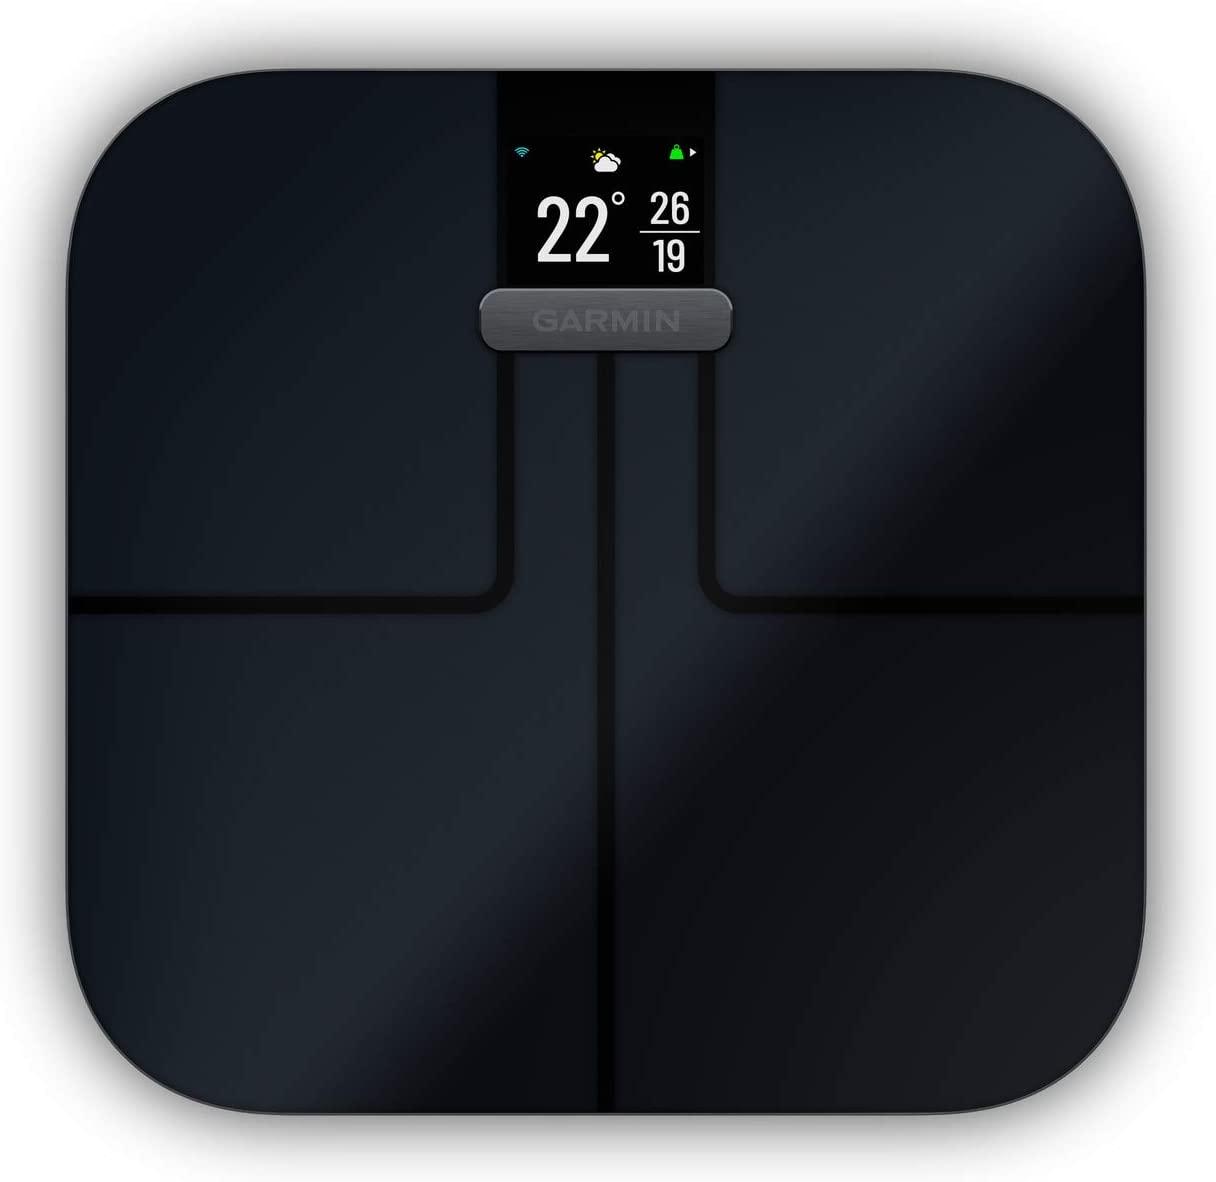 GARMIN(ガーミン) Index S2 Smart Scale 【BMIや体脂肪率、骨格筋量、体内水分量、骨量もGarmin Connectに瞬間データ転送】